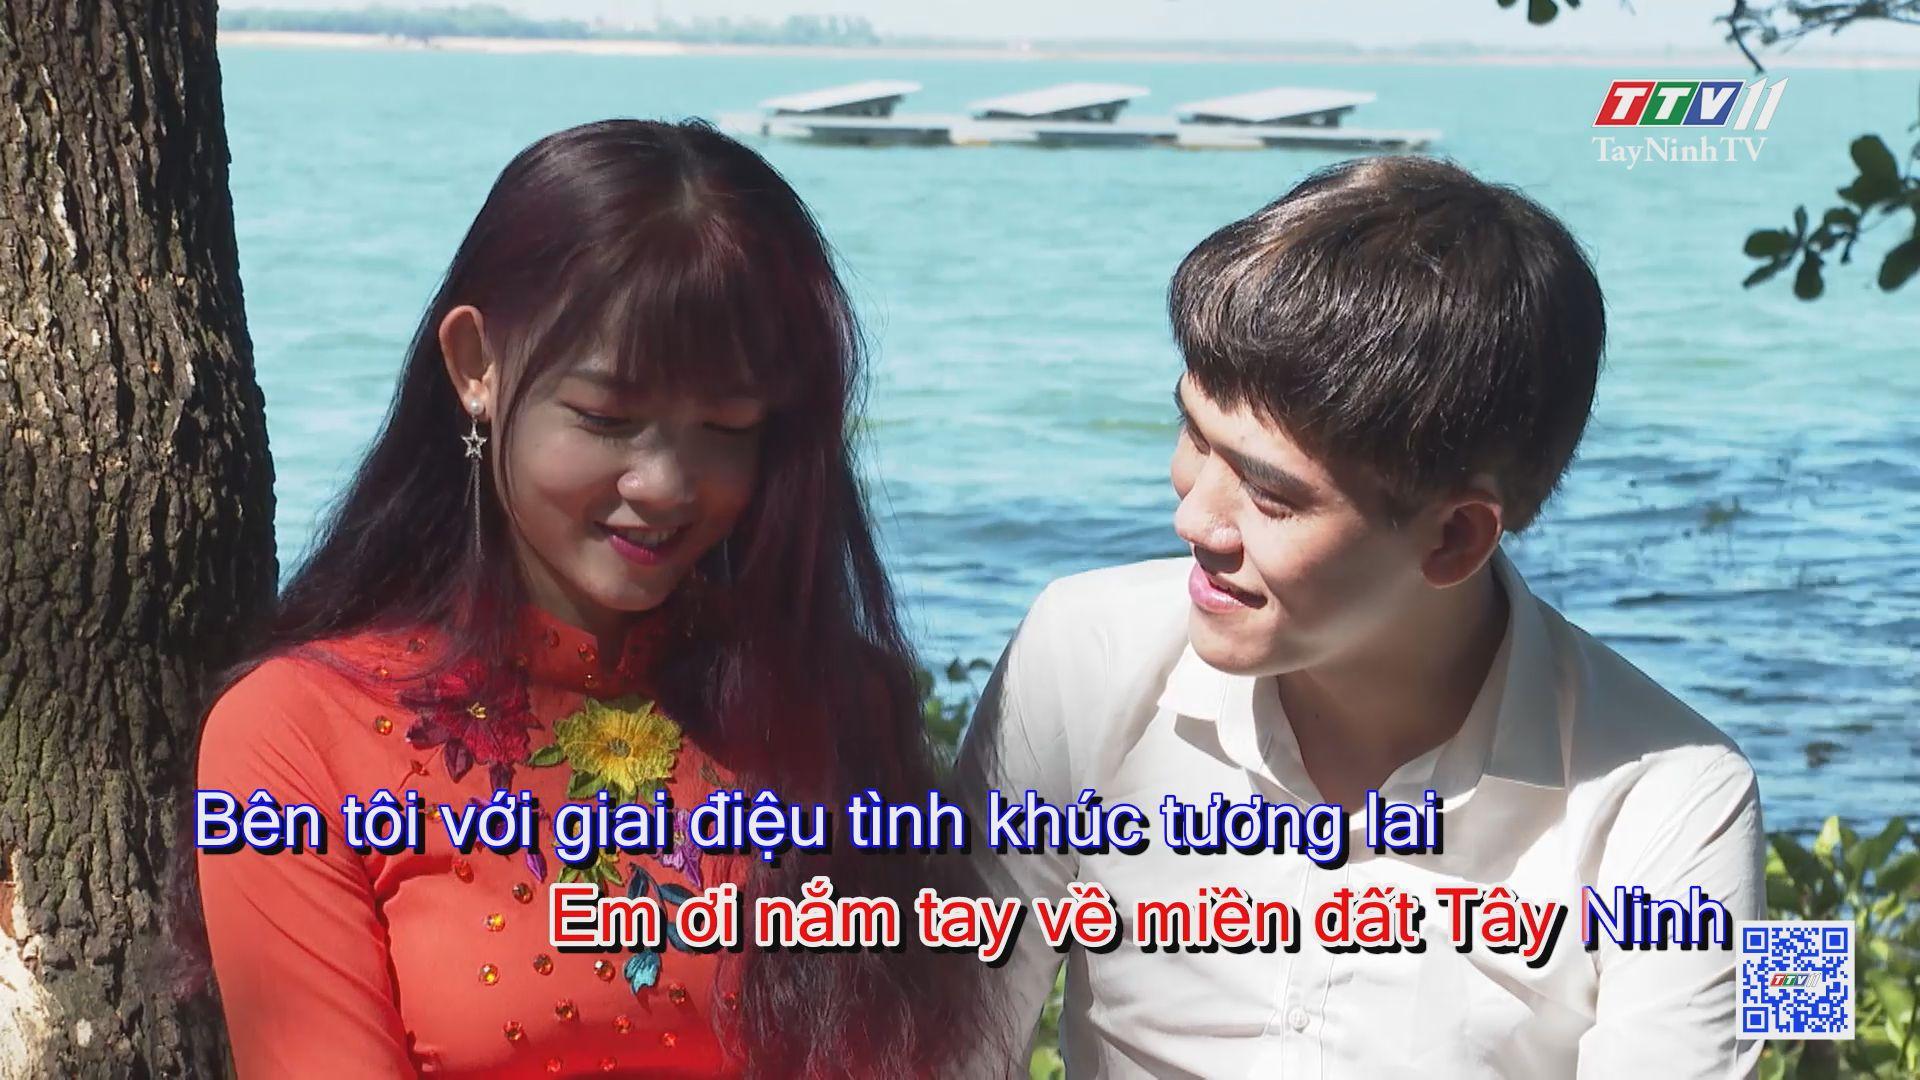 Tình ca bên hồ KARAOKE | Tuyển tập karaoke Tây Ninh tình yêu trong tôi | TayNinhTV